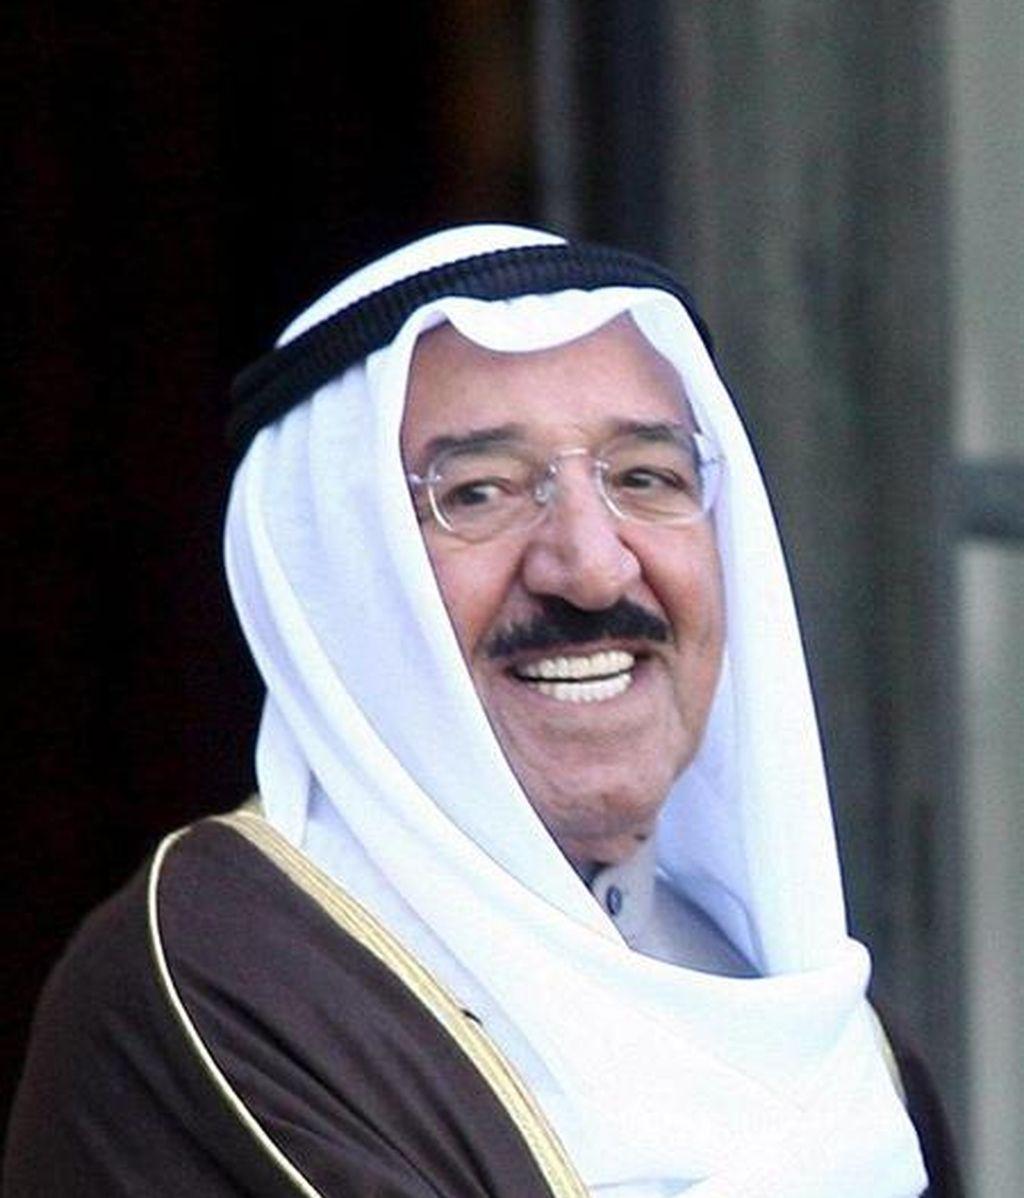 """En su discurso durante la inauguración de la cumbre, el emir de Kuwait, jeque Sabah al Ahmed al Jaber Al Sabah, lamentó las dificultades que sufre el proceso de paz en Oriente Medio por """"la testarudez de Israel y su insistencia en seguir construyendo asentamientos en Palestina"""". EFE/Archivo"""